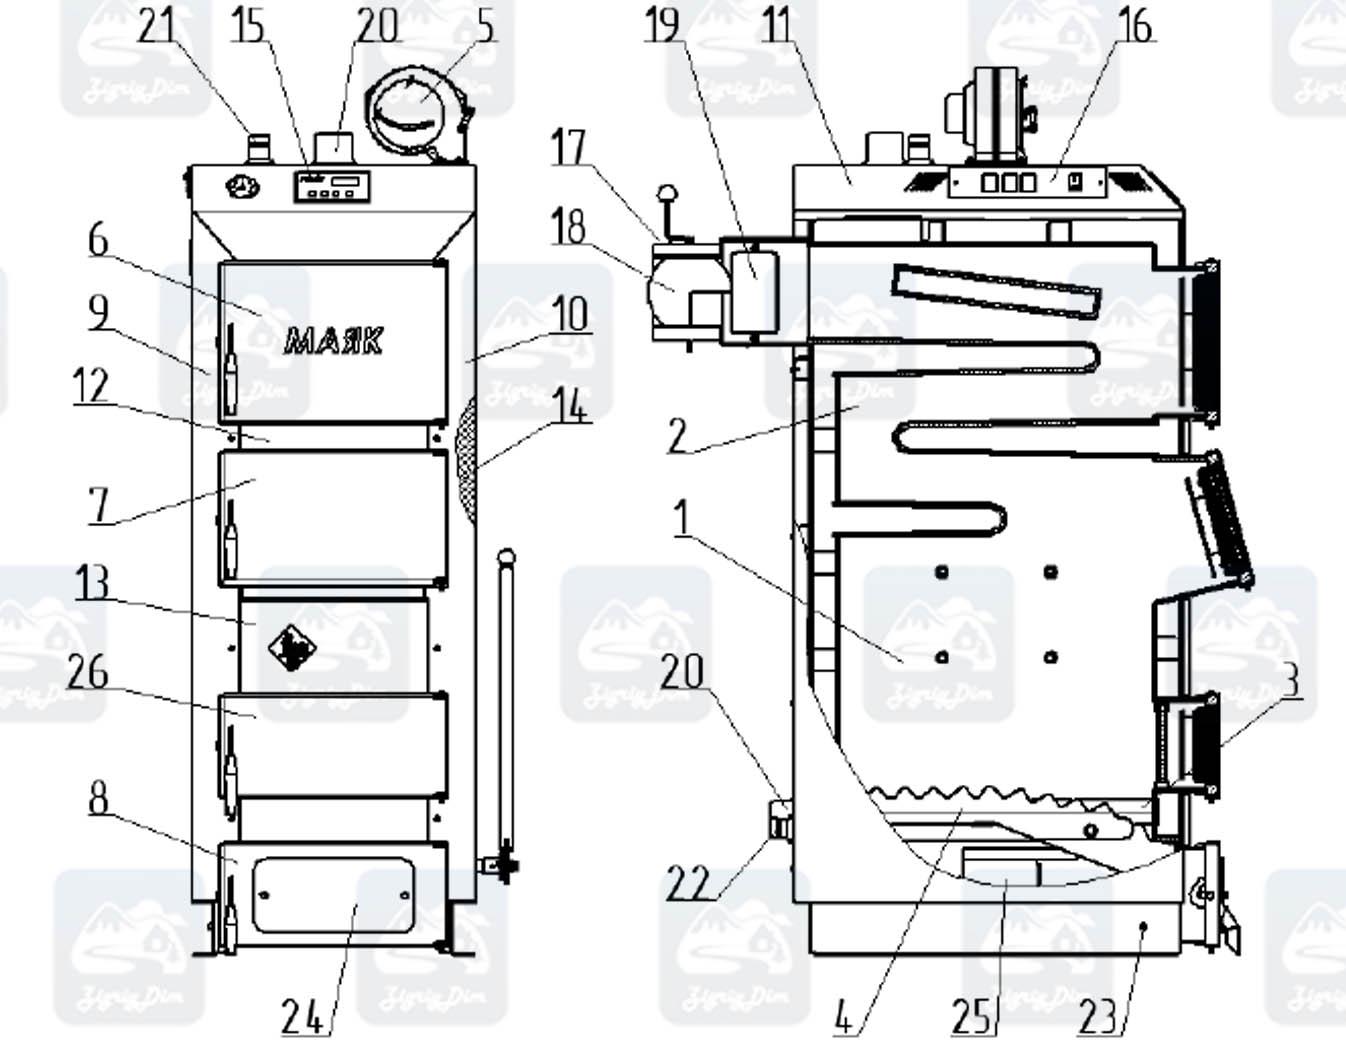 Схема твердотопливного котла длительного горения Маяк Eco Manual 25 кВт